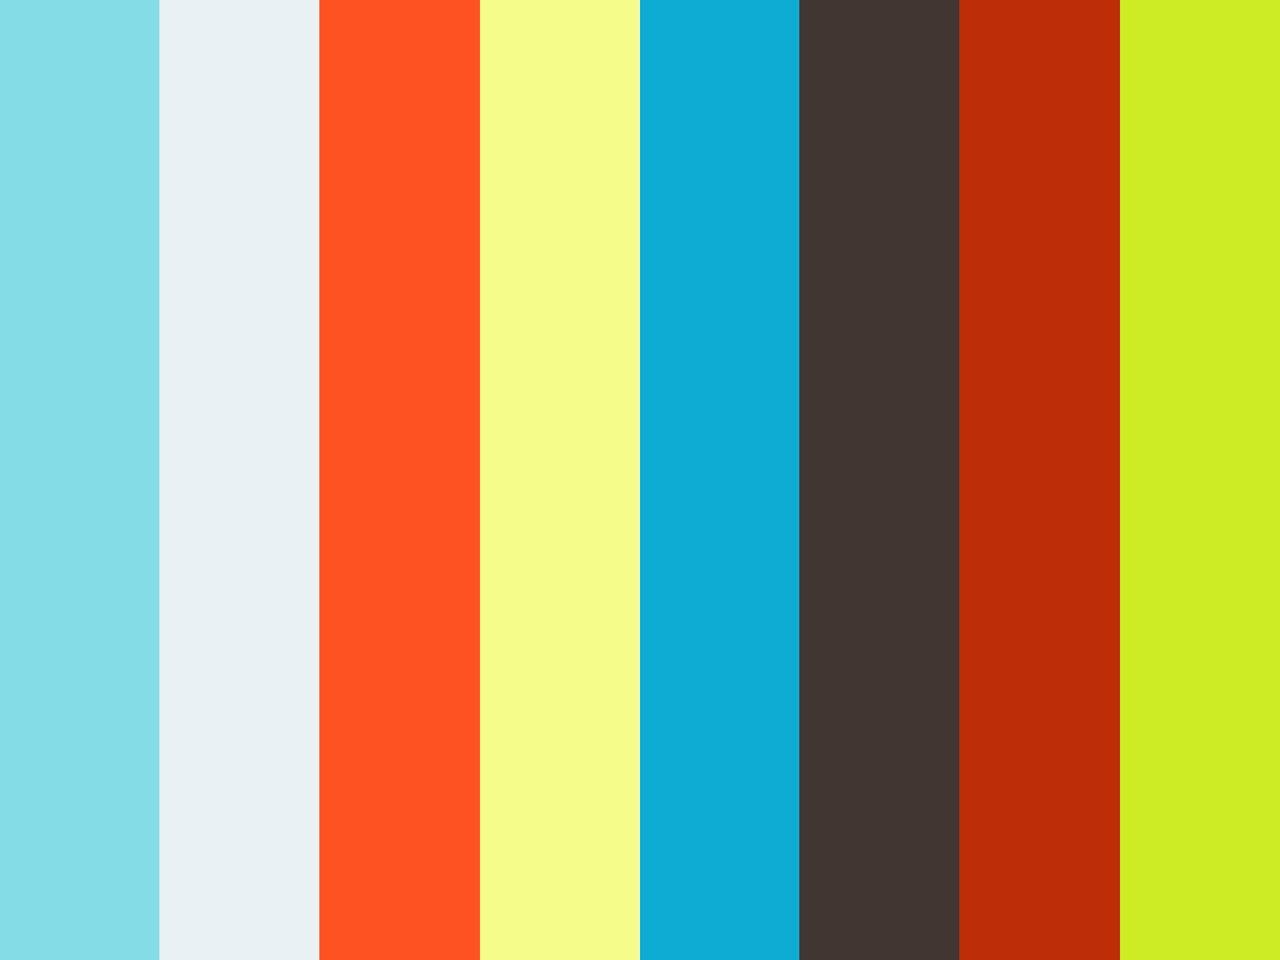 0451 - Um clamor por avivamento